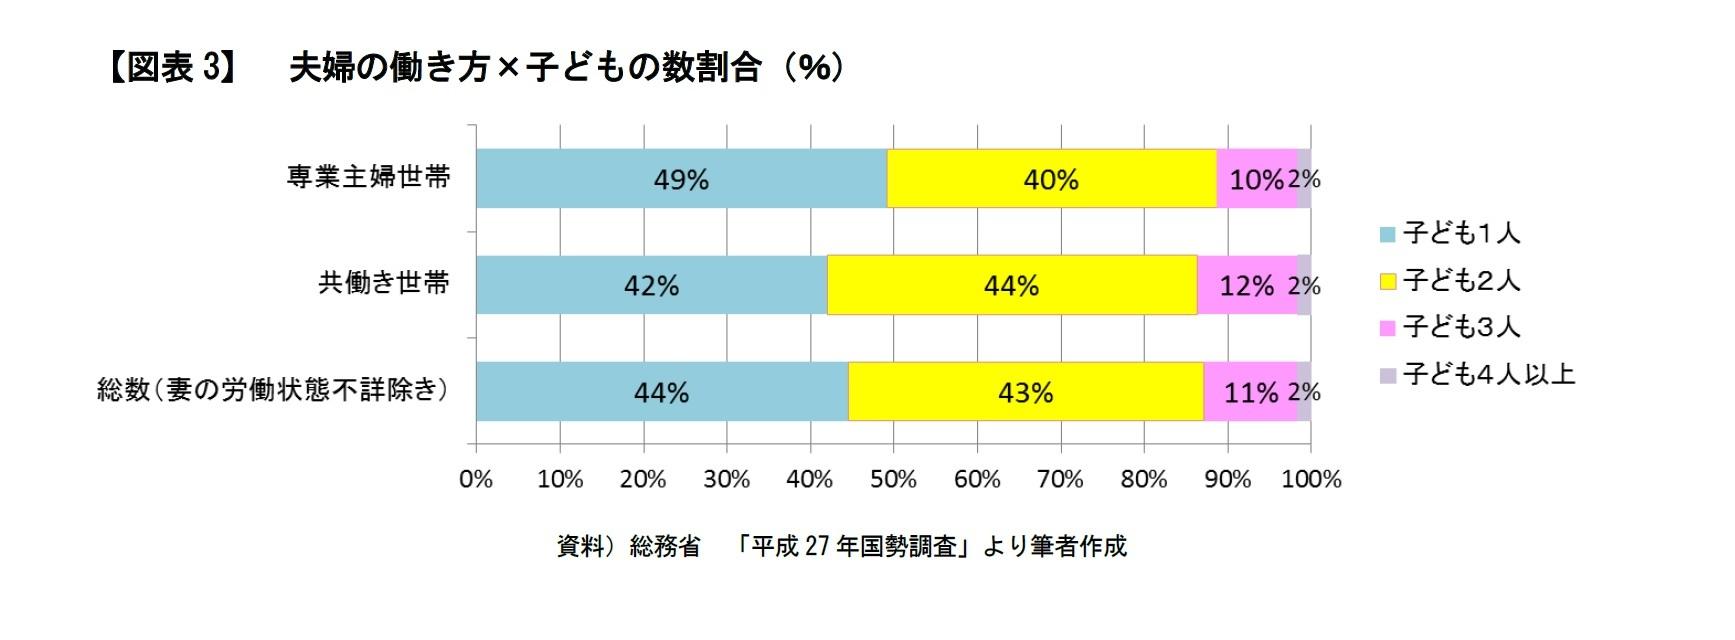 【図表3】 夫婦の働き方×子どもの数割合(%)